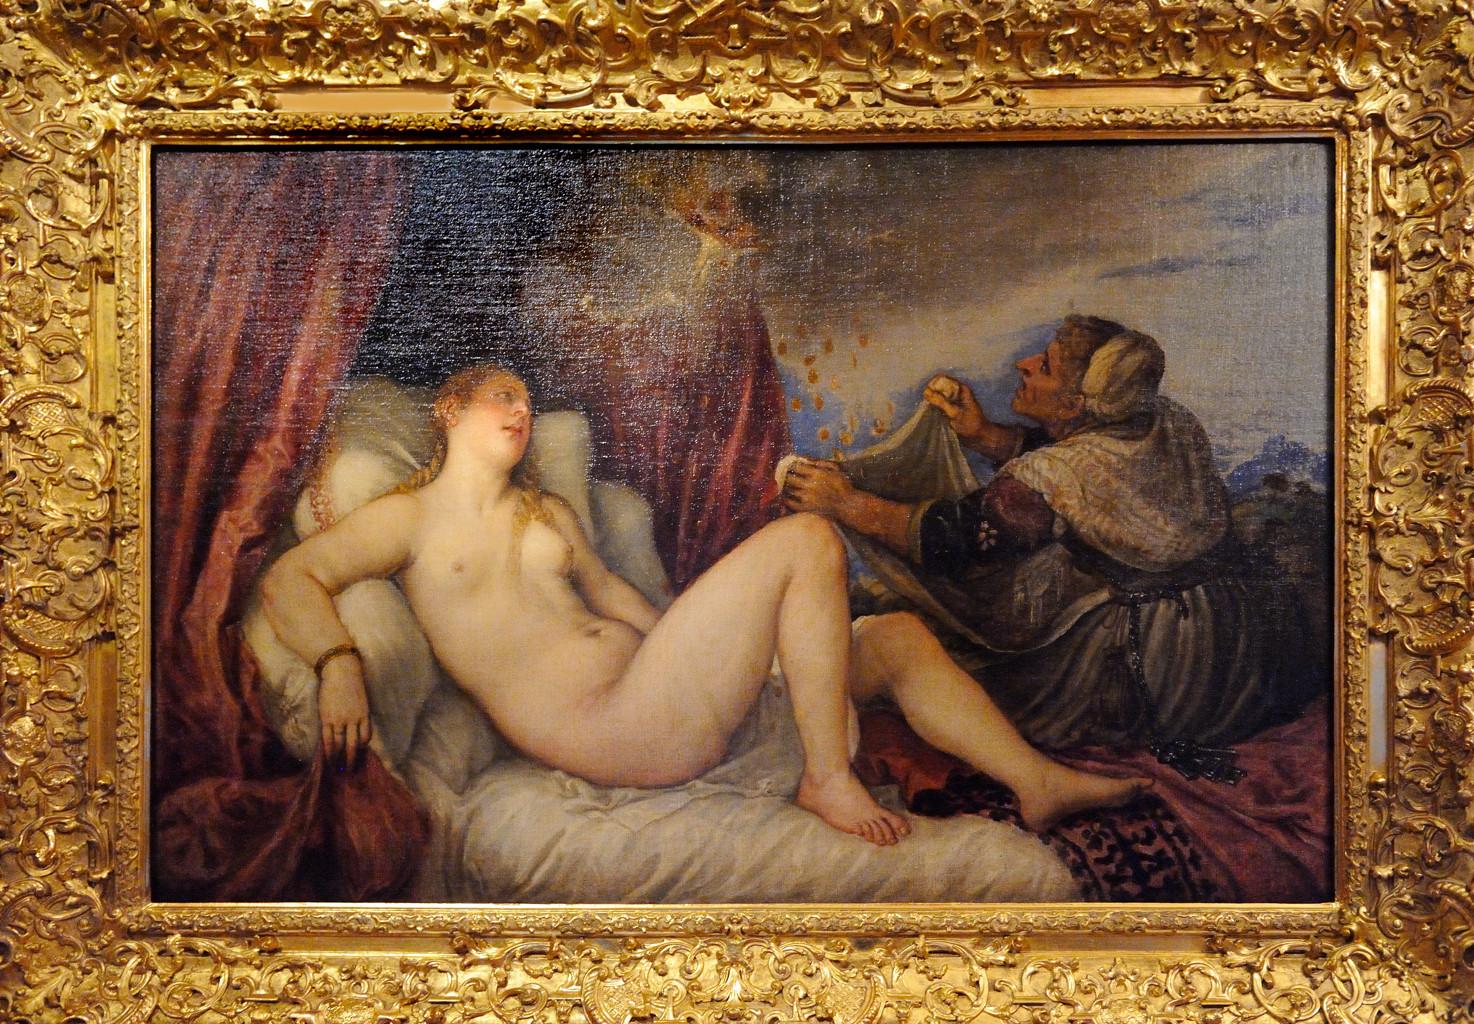 Тициан Вечеллио. Даная (1553-1554).